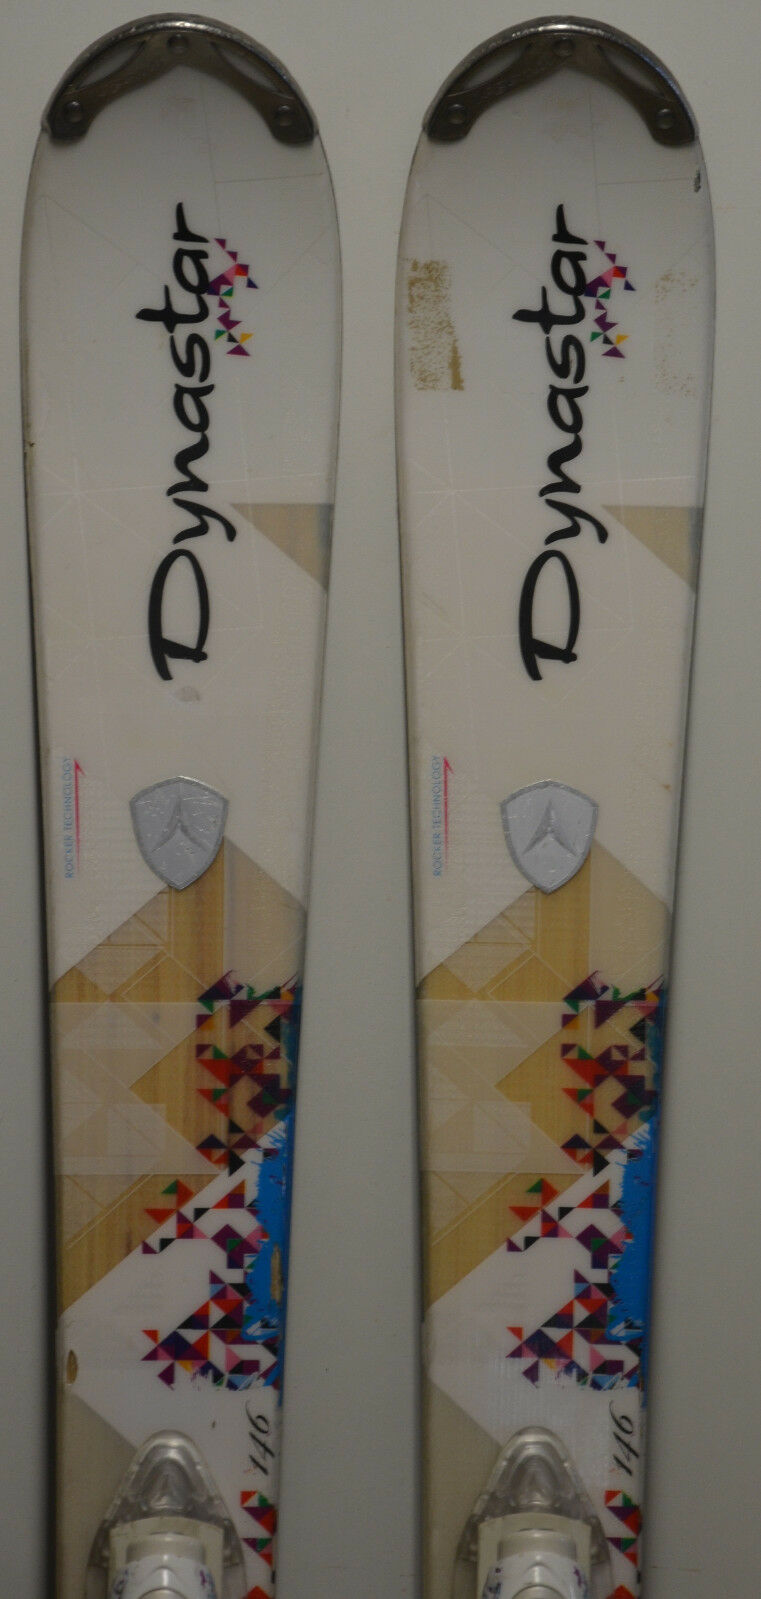 Ski parabolisch gebraucht gebraucht gebraucht DYNASTAR exklusiv Idyll - 146cm 83d263